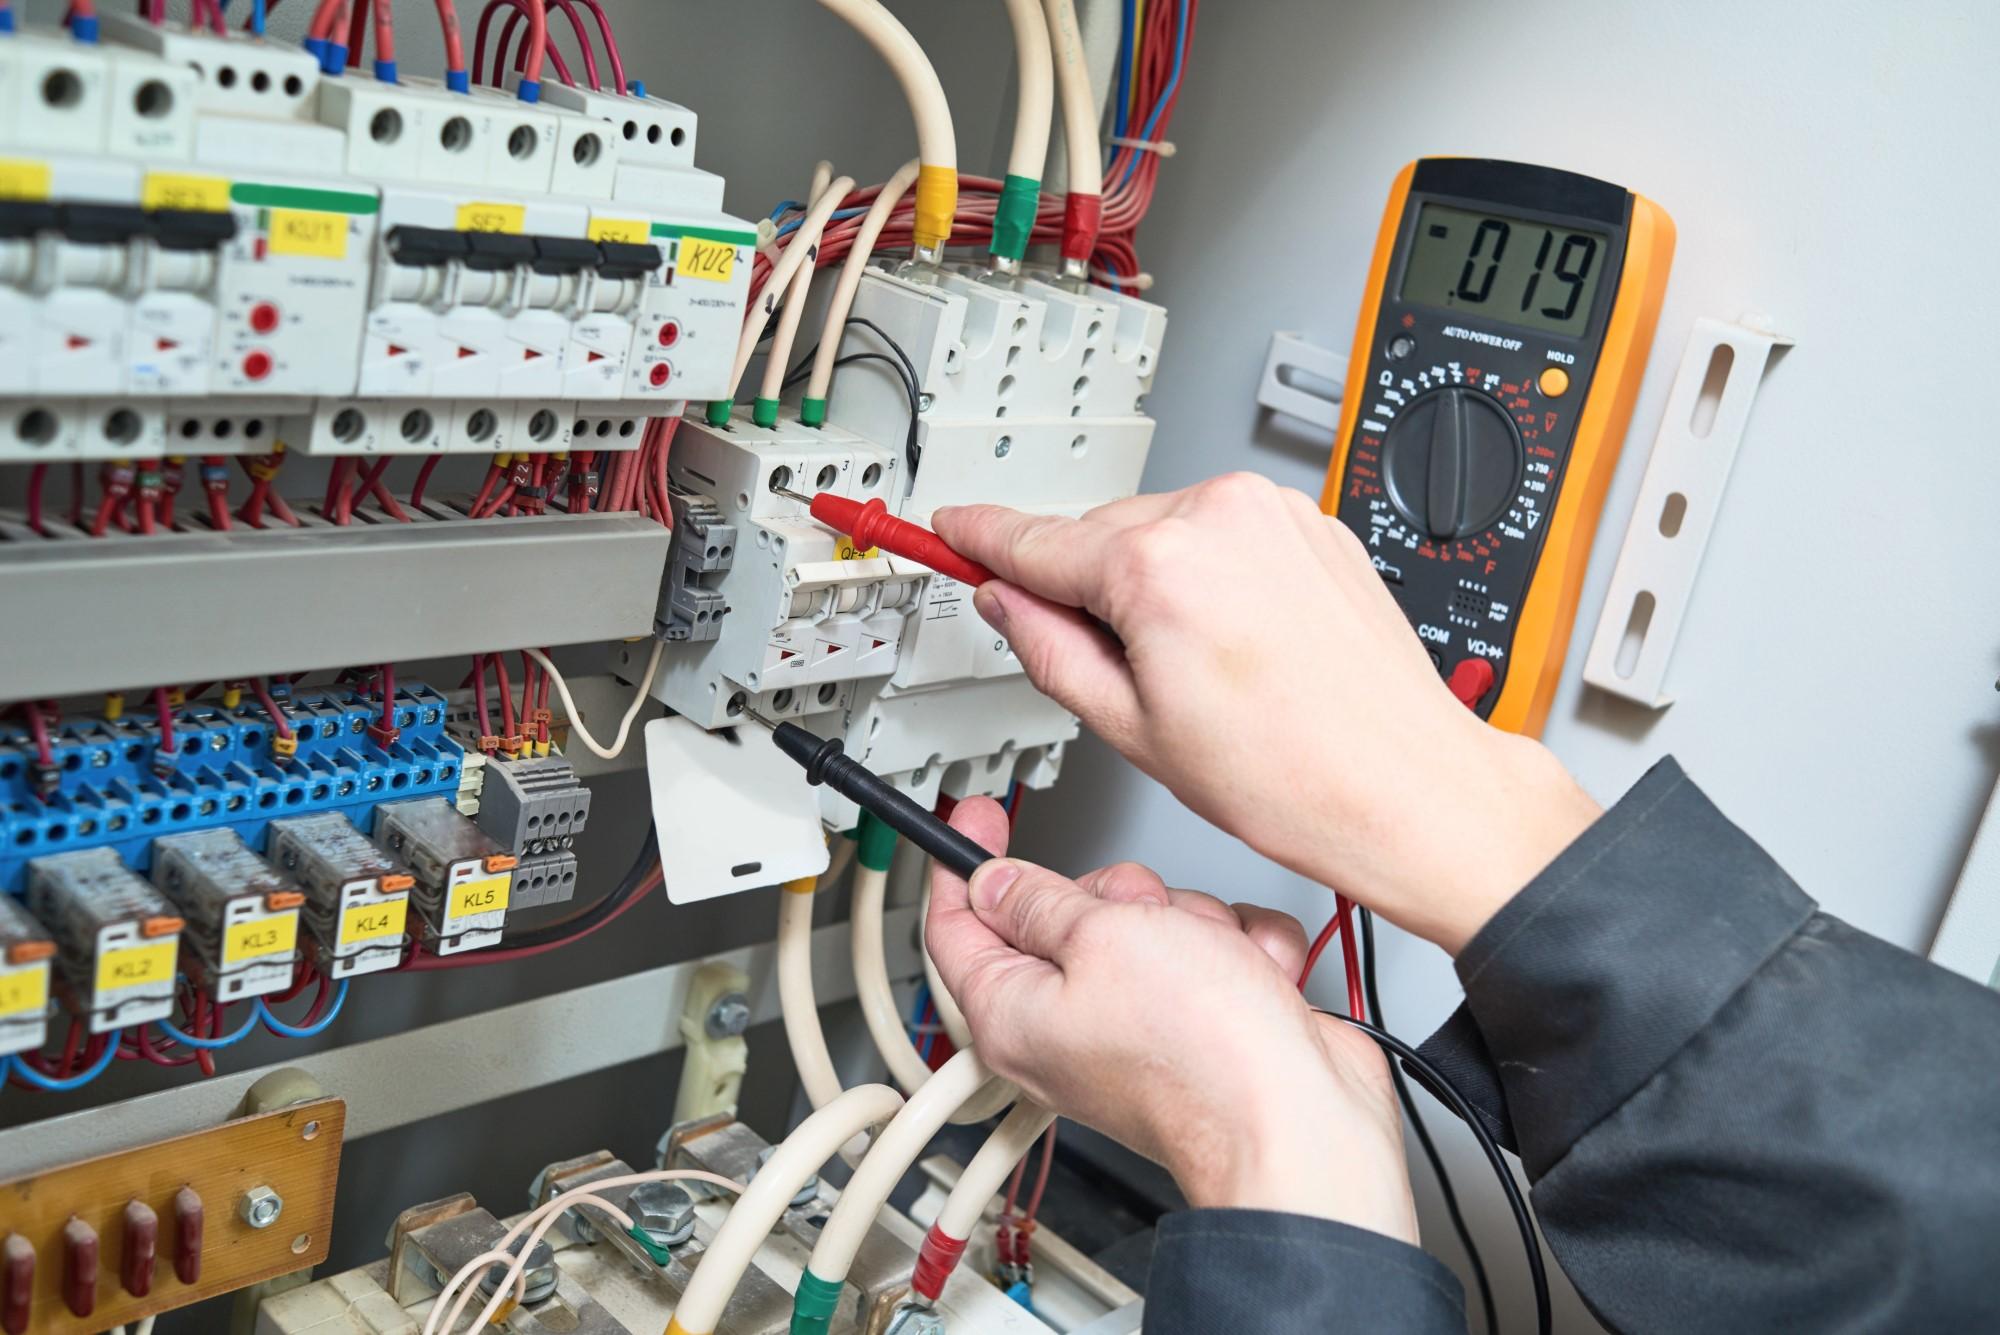 Elektriker erstellt Messung am Schaltkasten